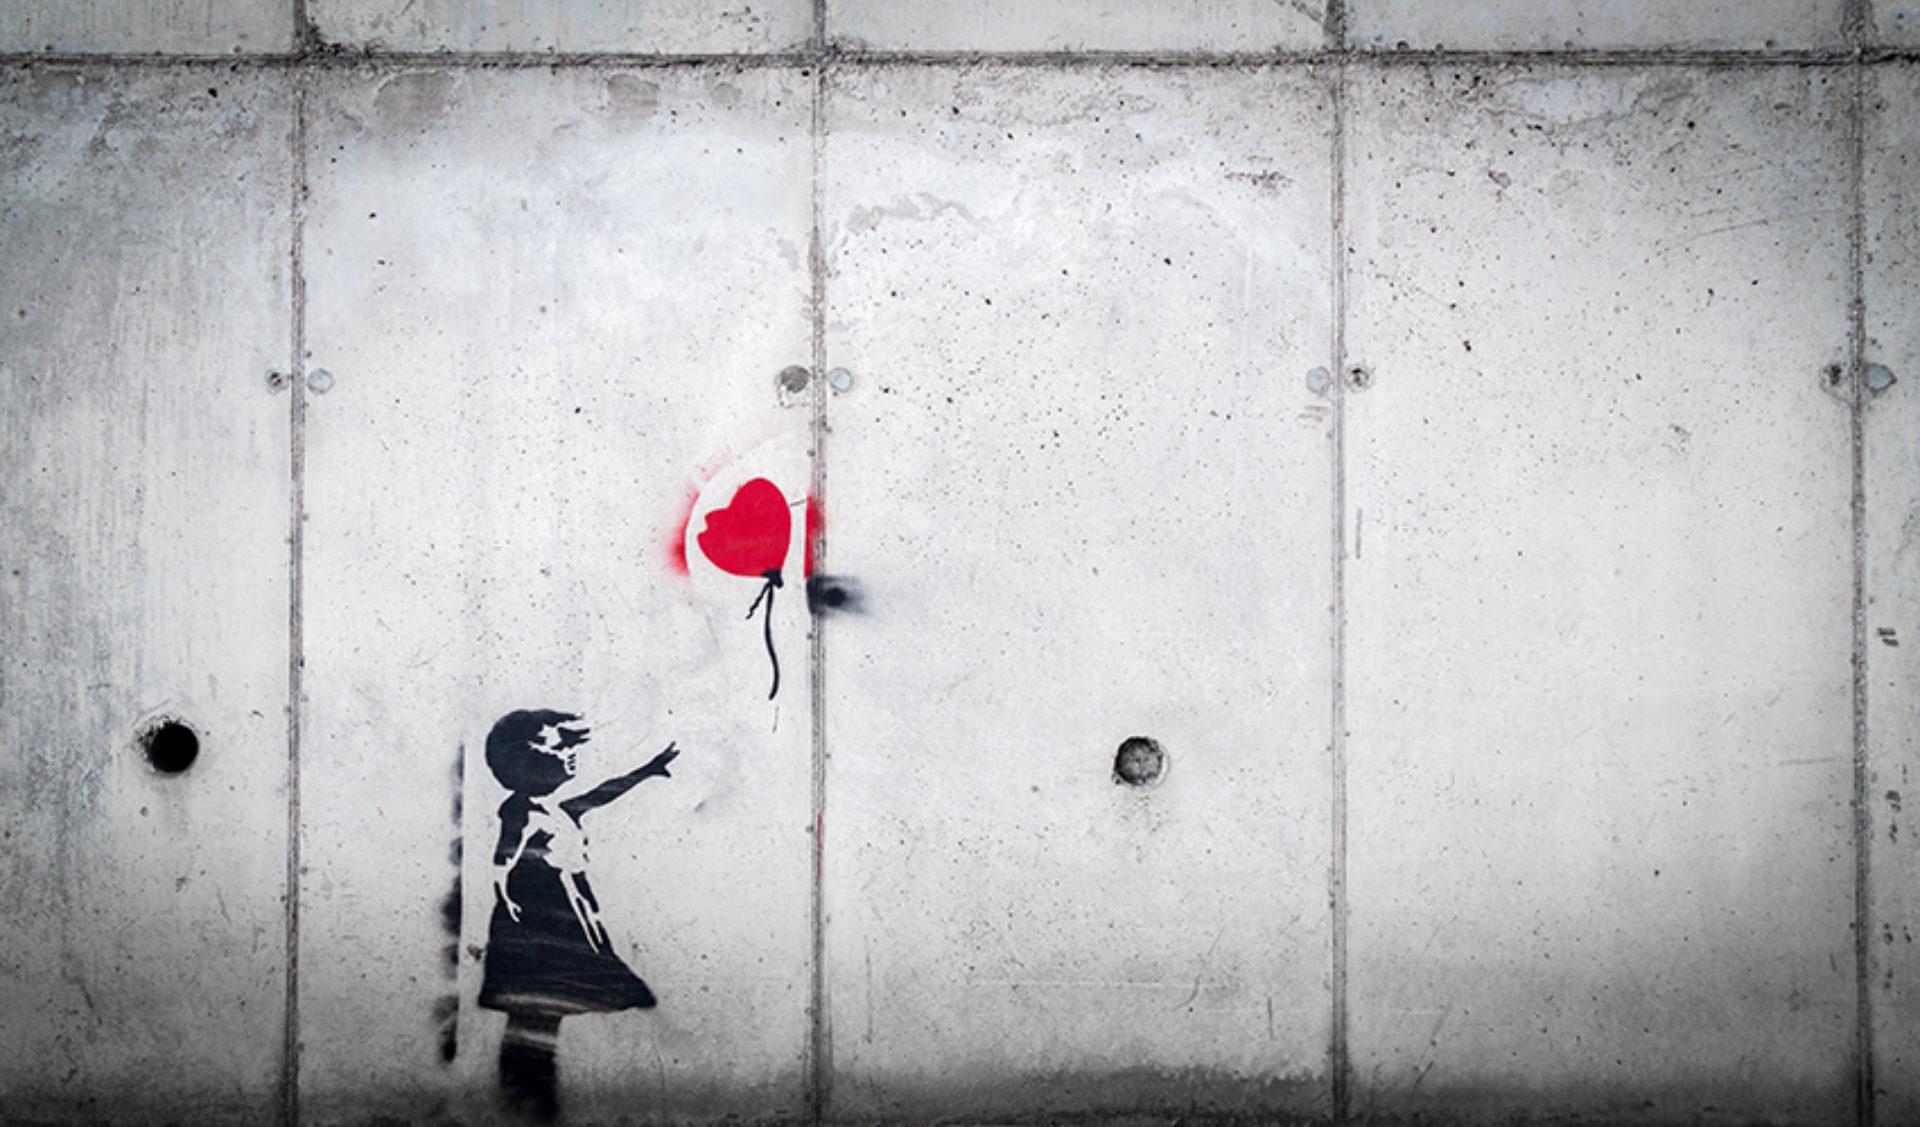 Valentijn, een emotionele uitdaging